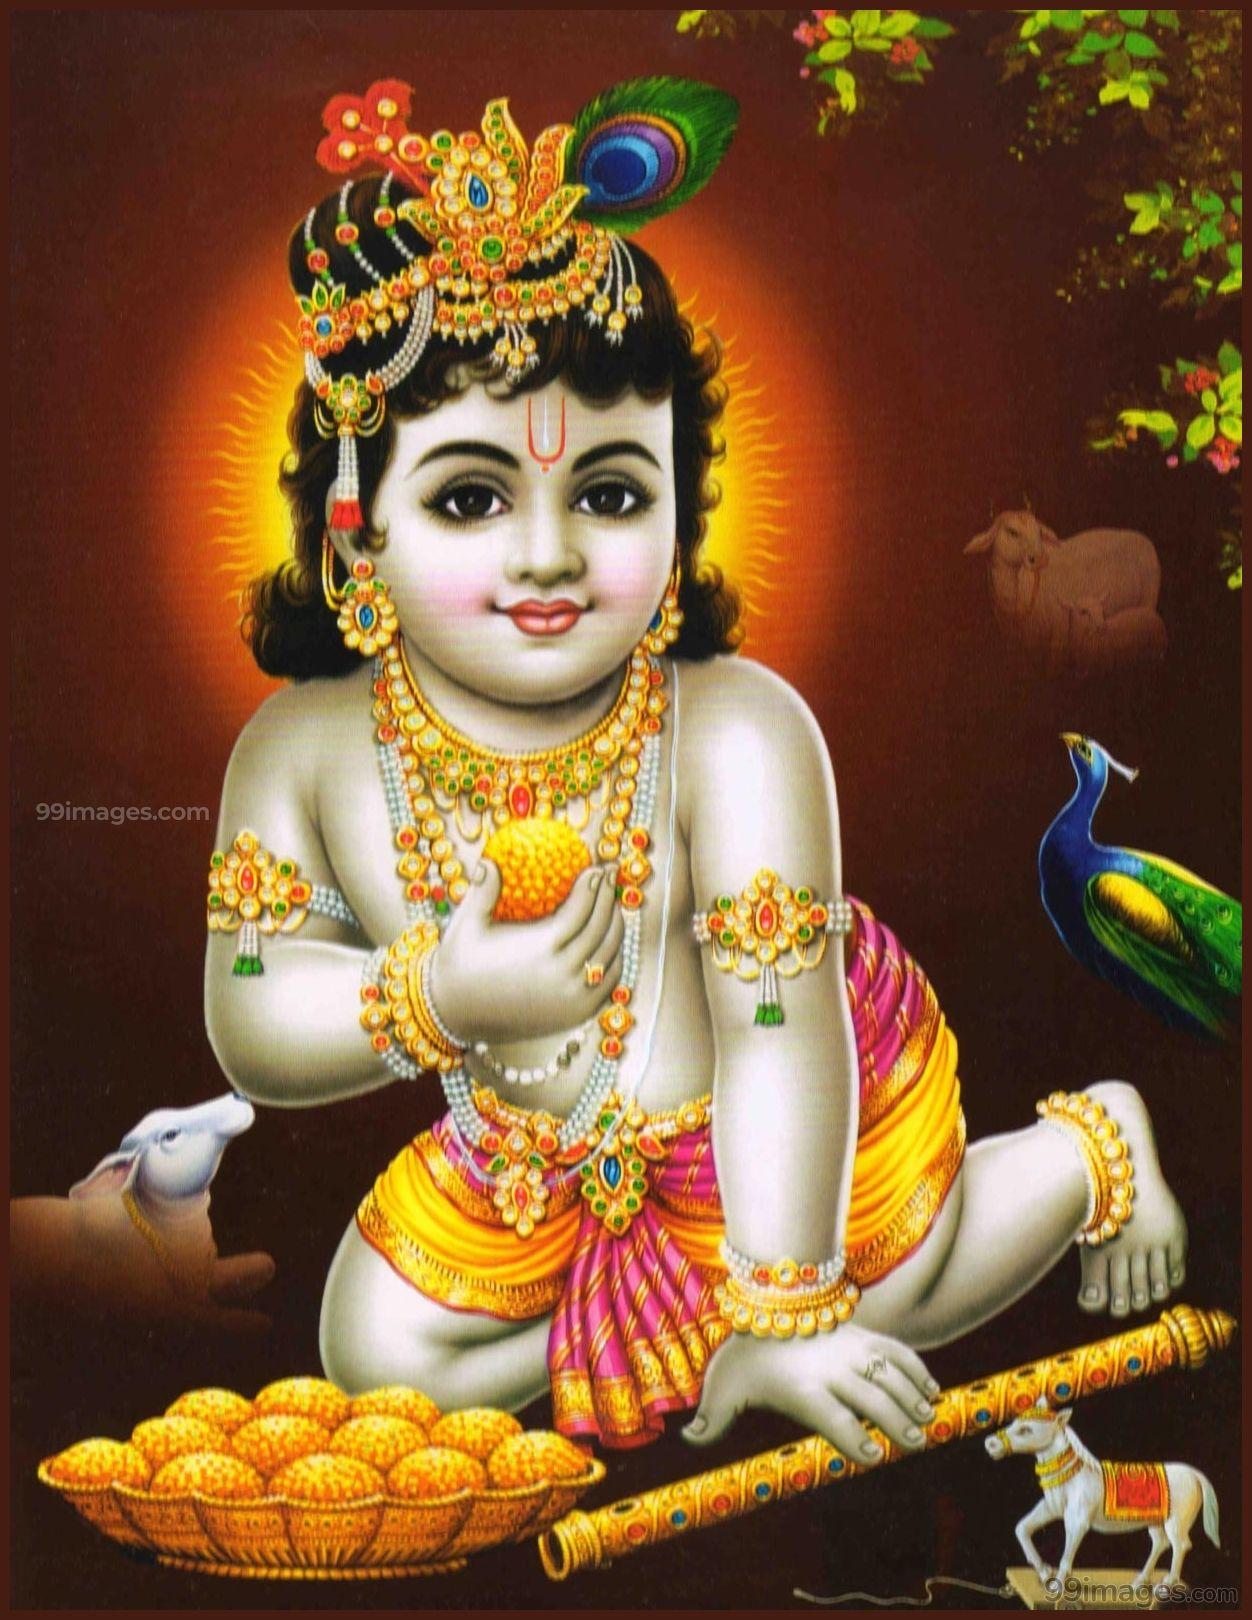 Best Lord Kannan Hd Images 13523 Lordkannan Hindu God Littlekrishna Krishna Wallpaper Lord Krishna Images Krishna Photos